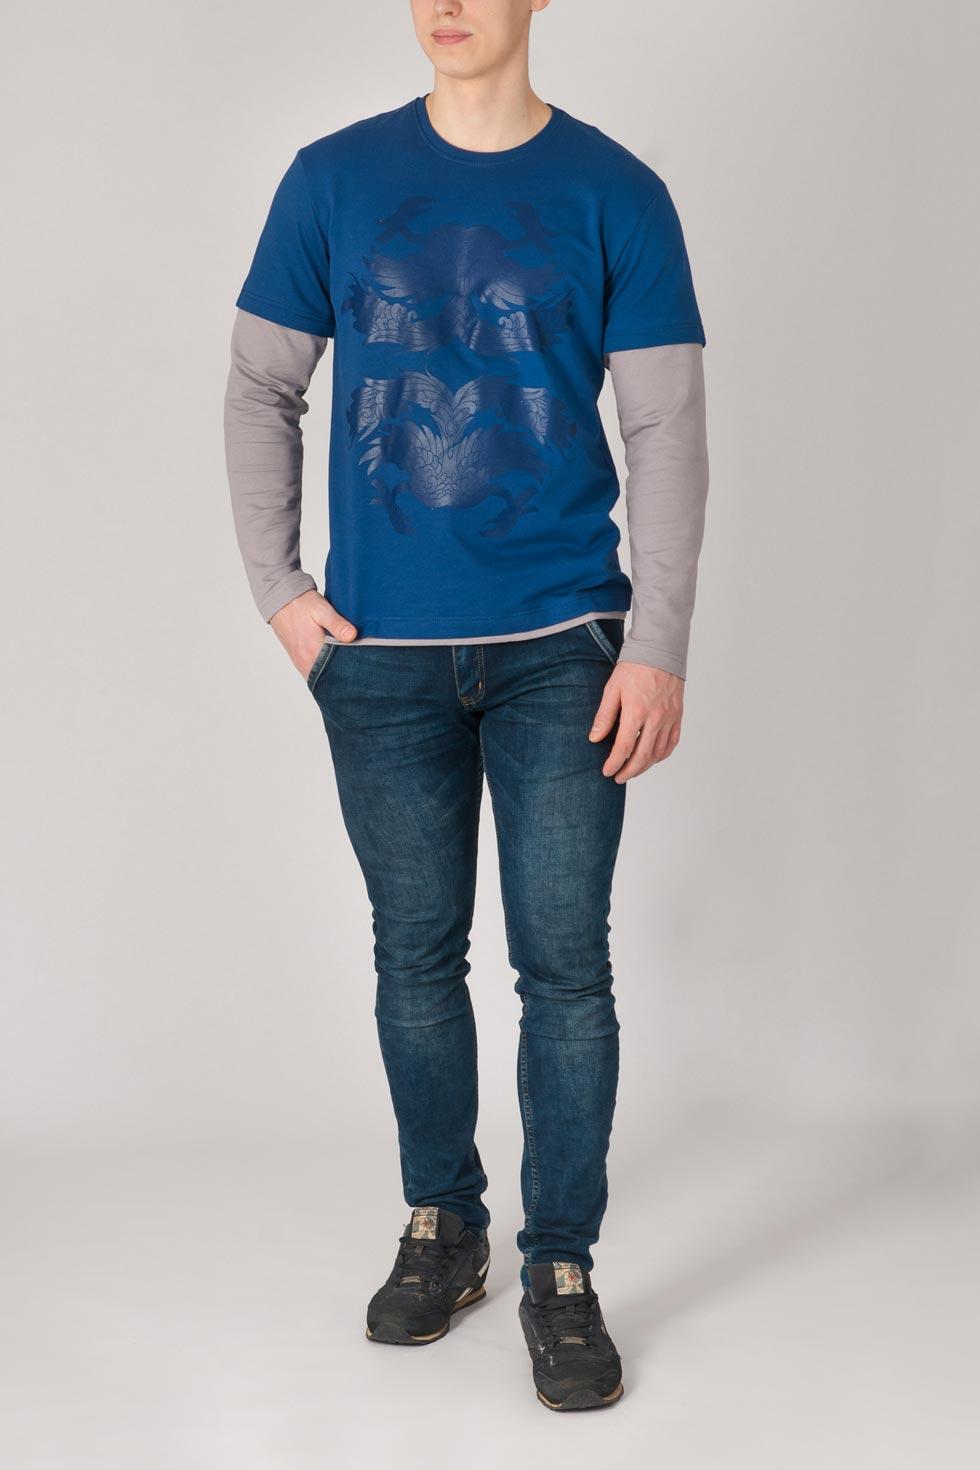 Джемпер мужской Дракон с длинным рукавомКоллекция ВЕСНА-ЛЕТО<br><br><br>Размер: 46